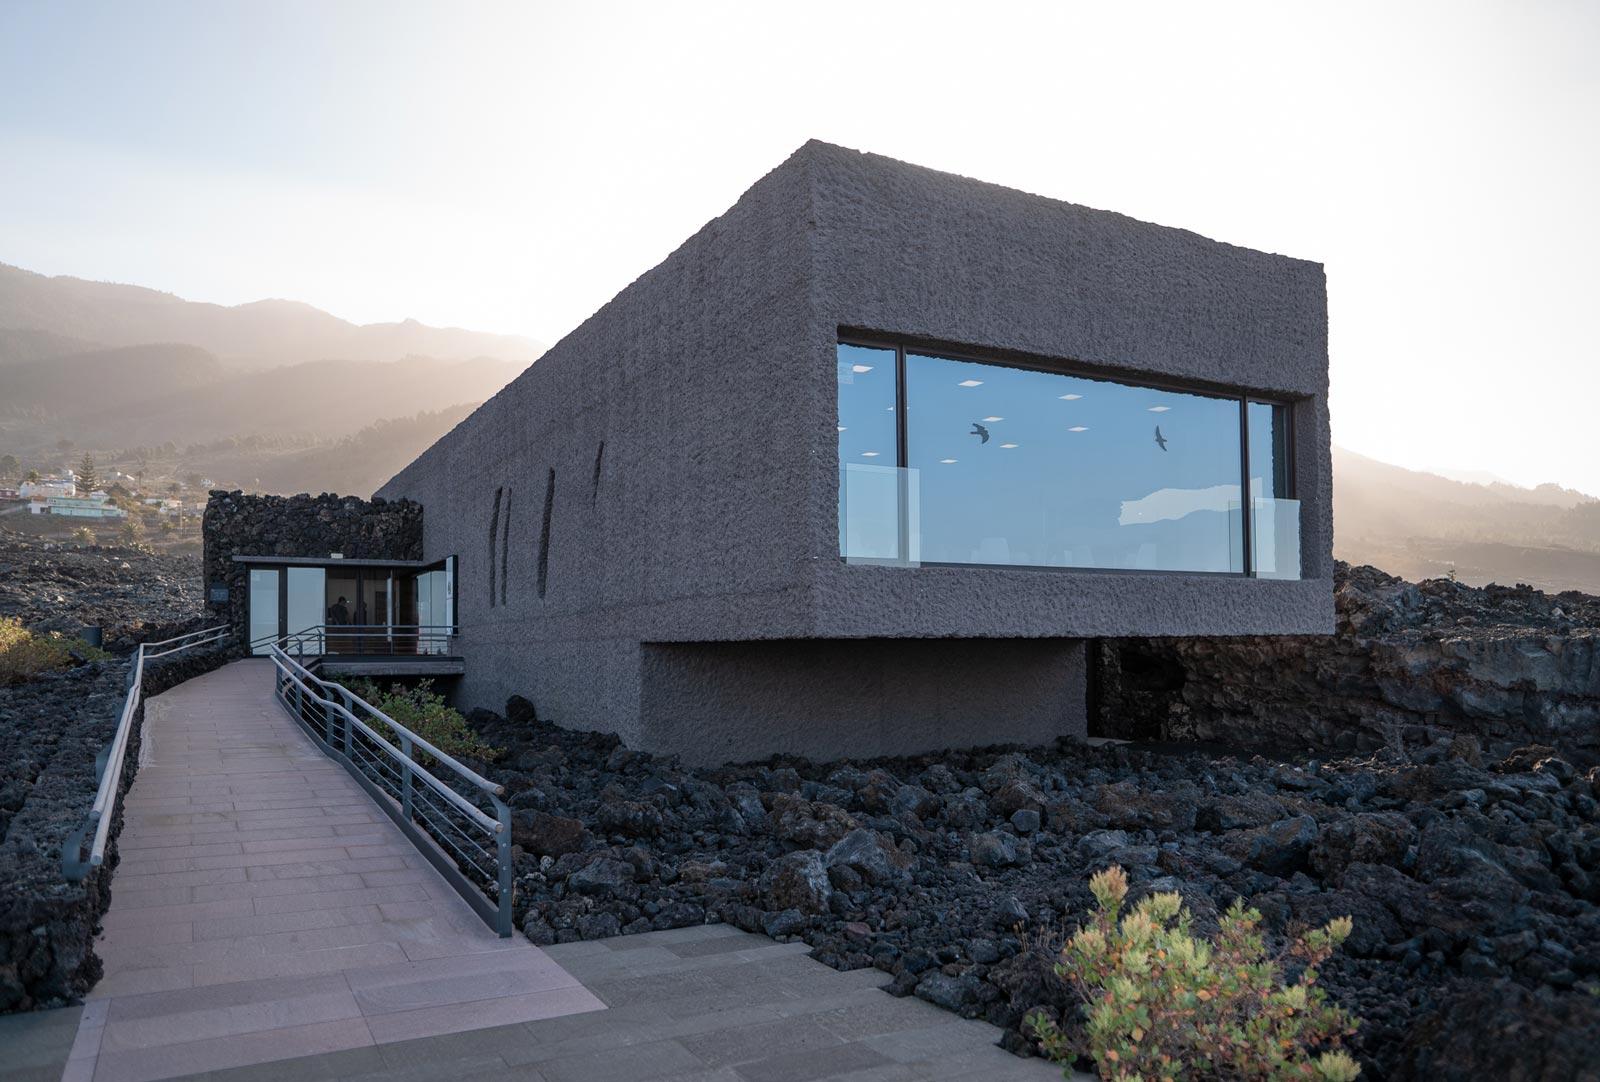 Centro de Interpretación de las Cavidades Volcánicas Caños de Fuego y Cueva de Las Palomas